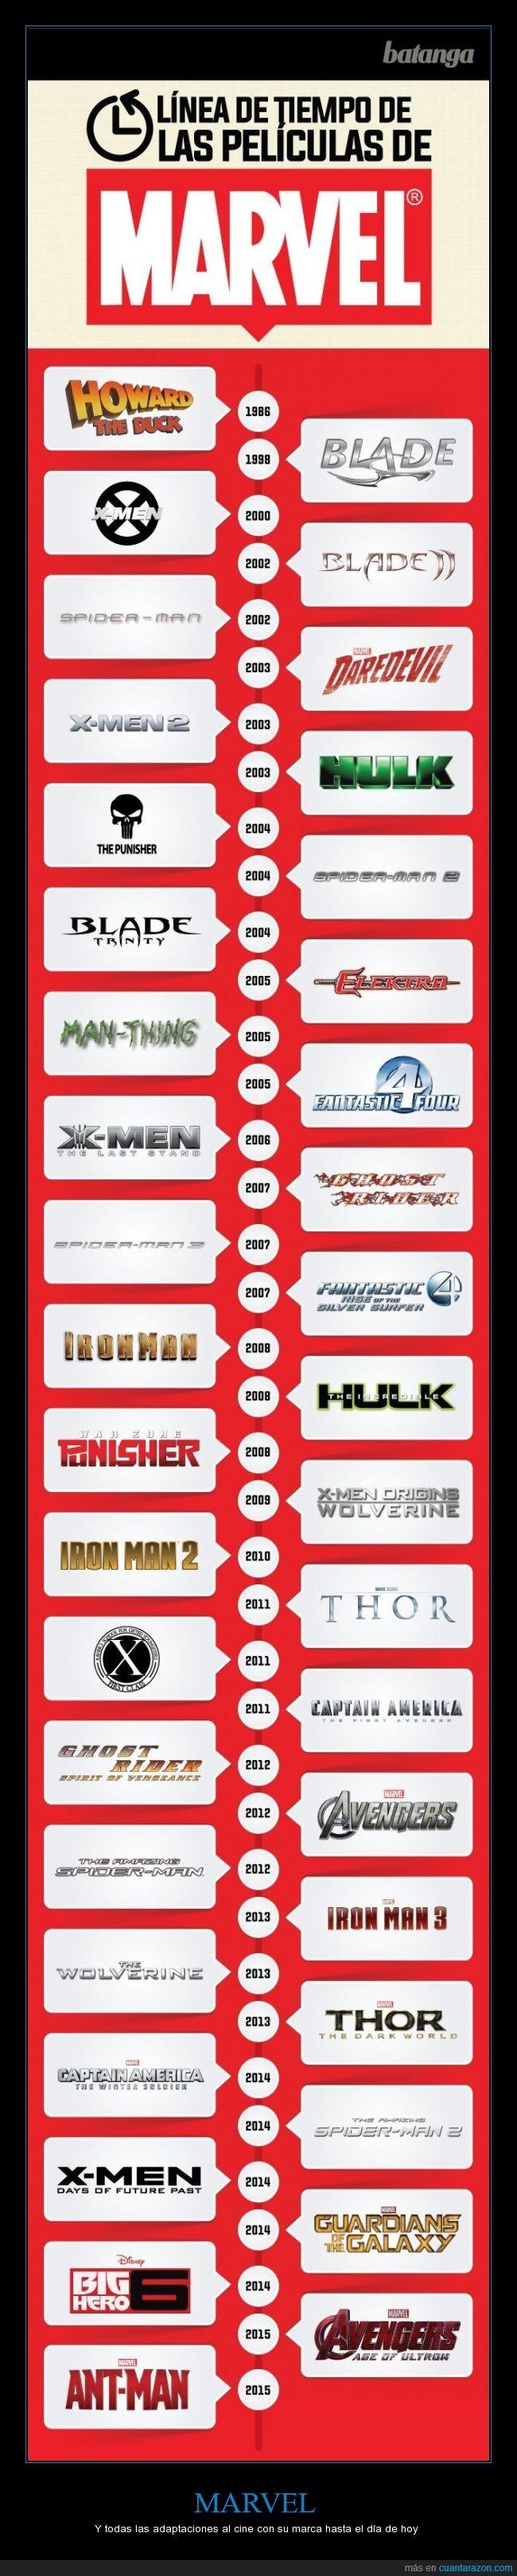 ant man,blade,el capi,hay otras pero son muy malas,iron man,marvel,películas,punisher,vengadores,x-men